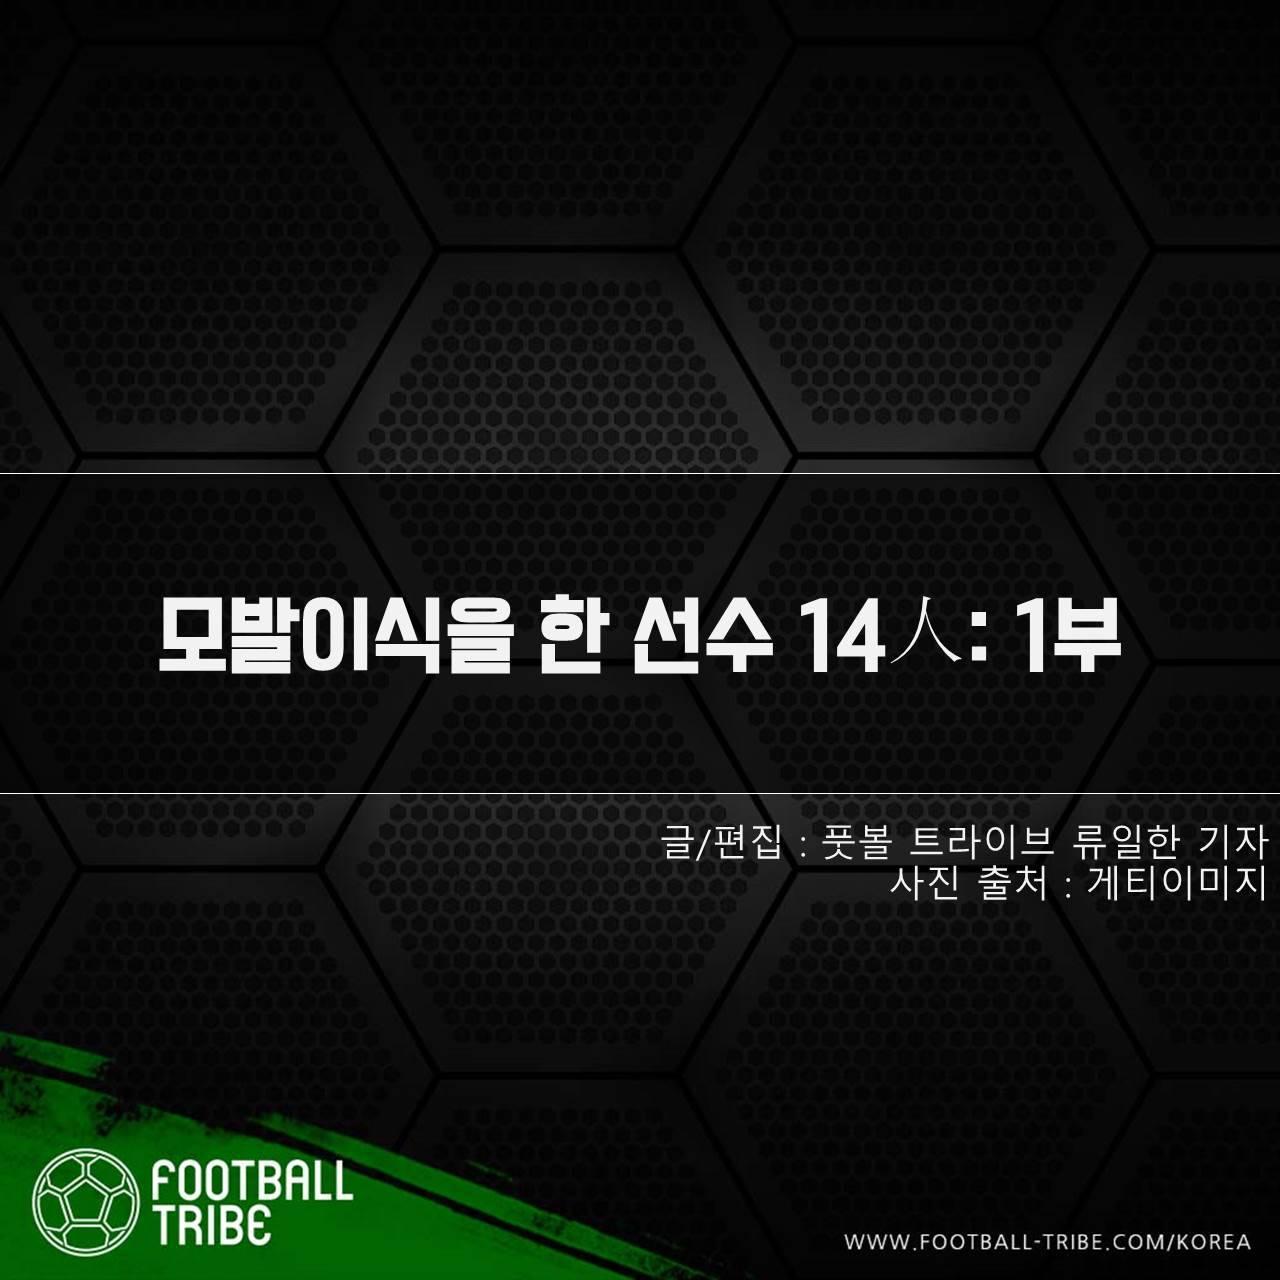 [카드 뉴스] 모발이식을 한 선수 14人: 1부